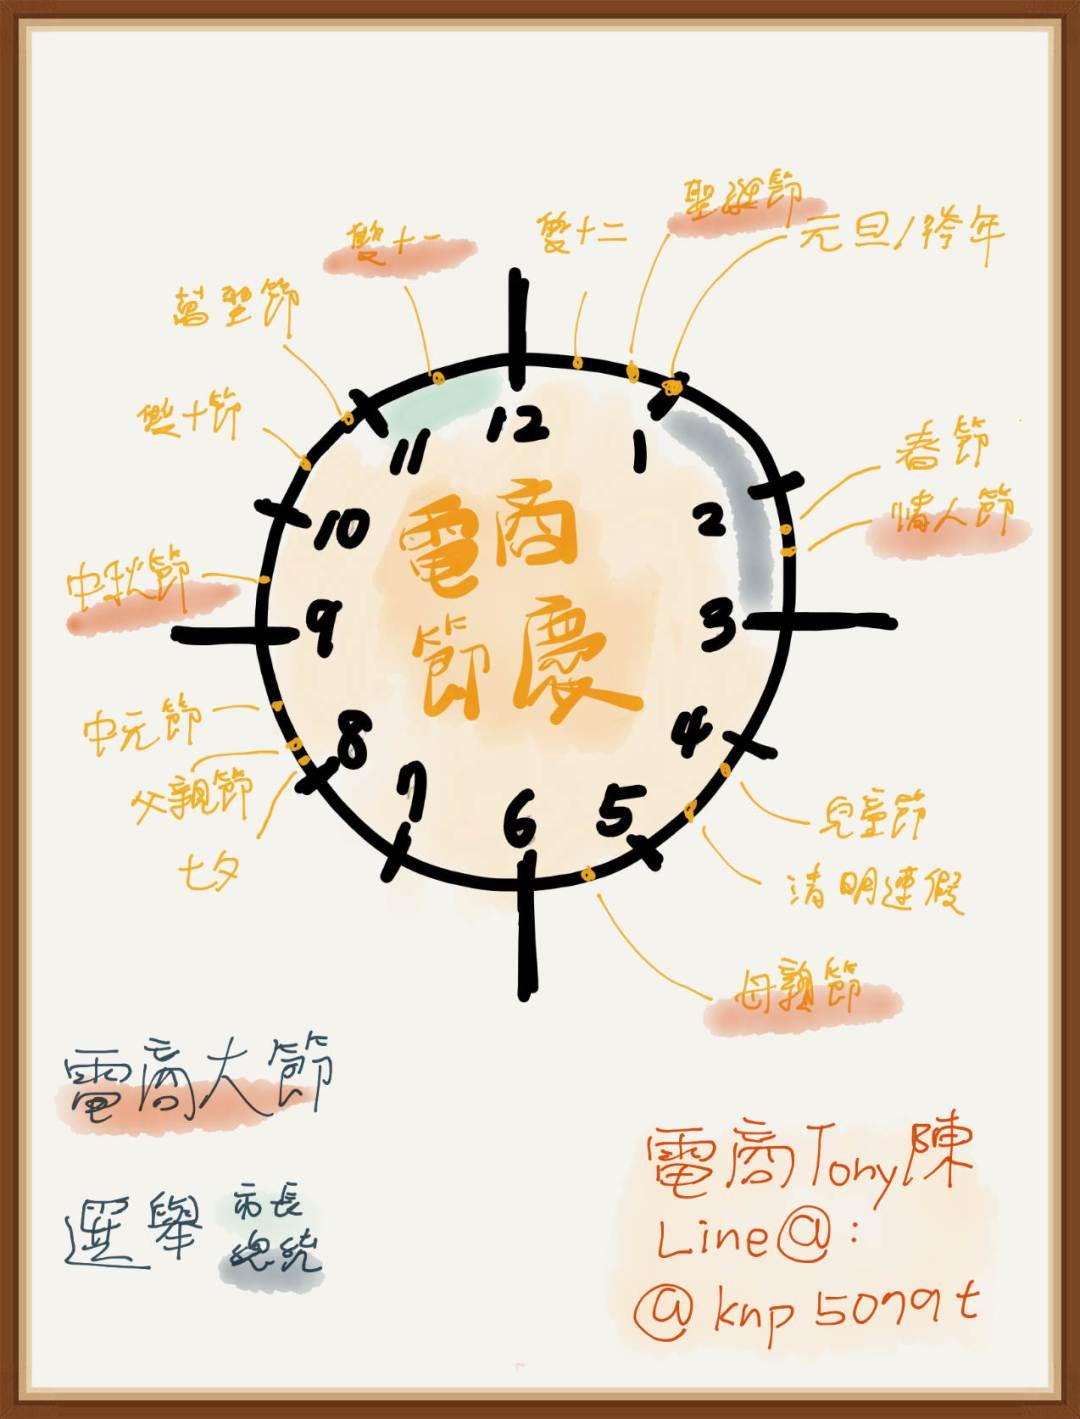 電商Tony陳電商行銷節慶2019